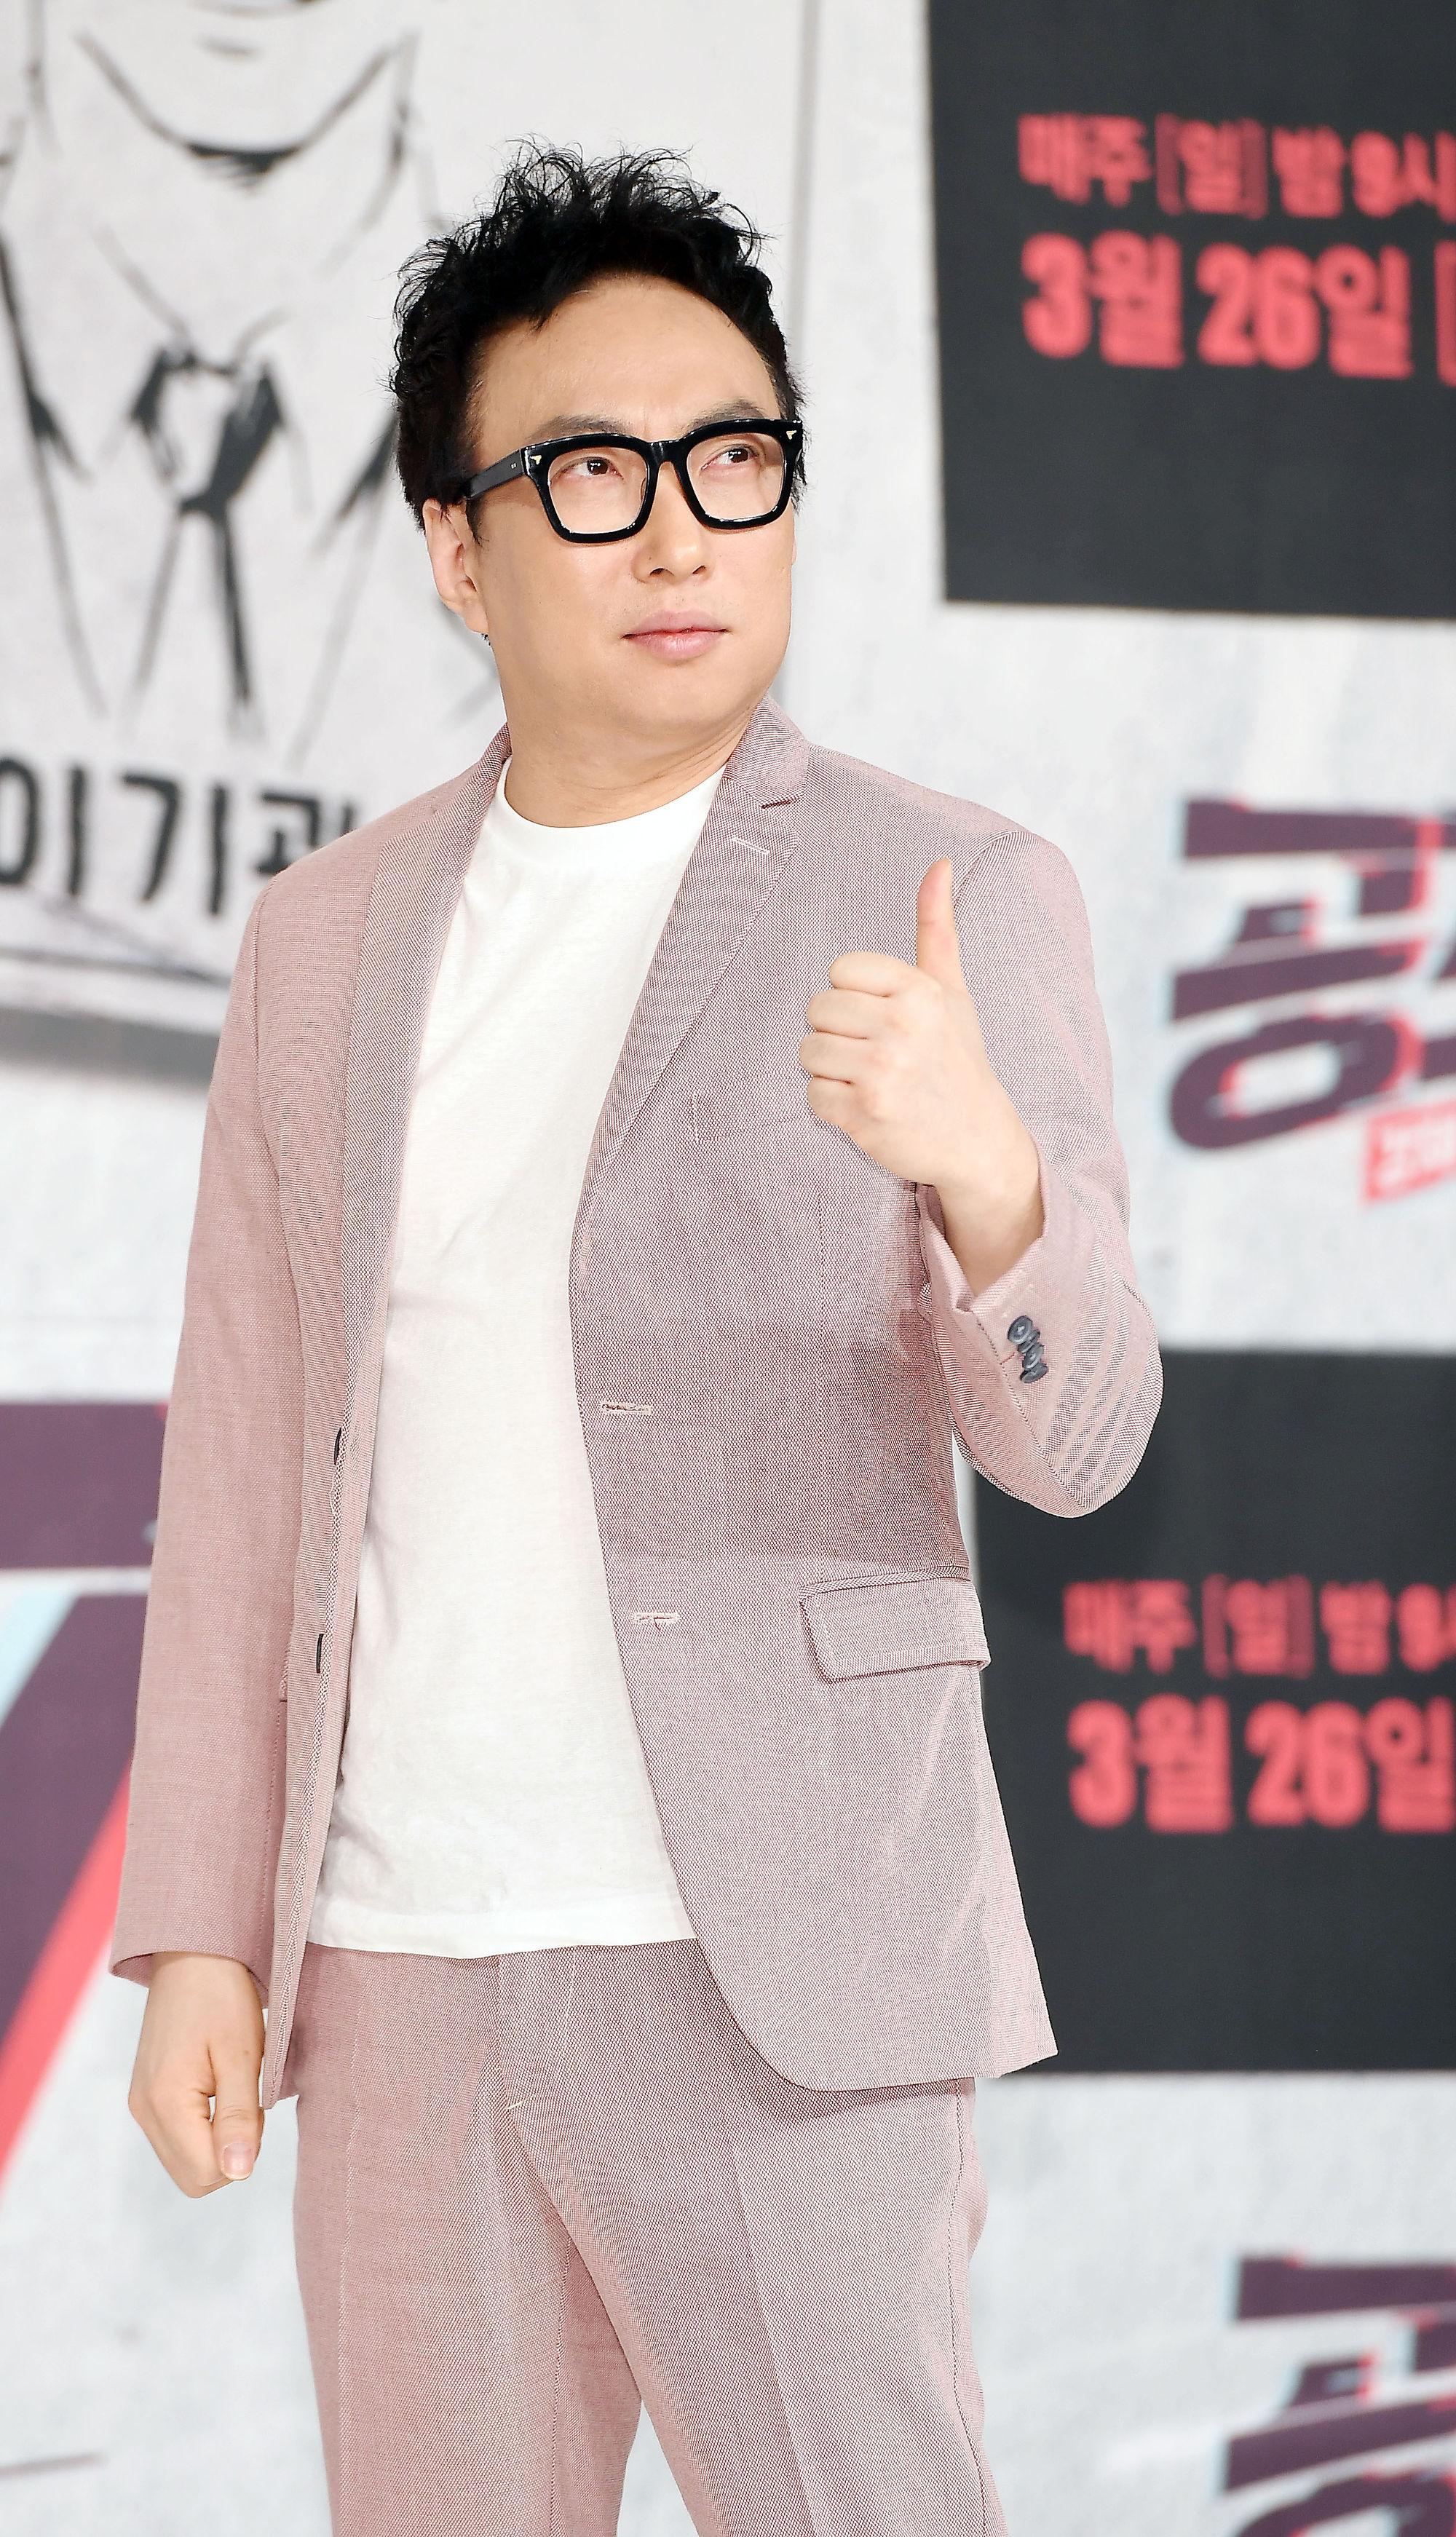 [단독] '마스크 대란 일침' 박명수, 코로나19 취약계층 위해 2만 장 기부